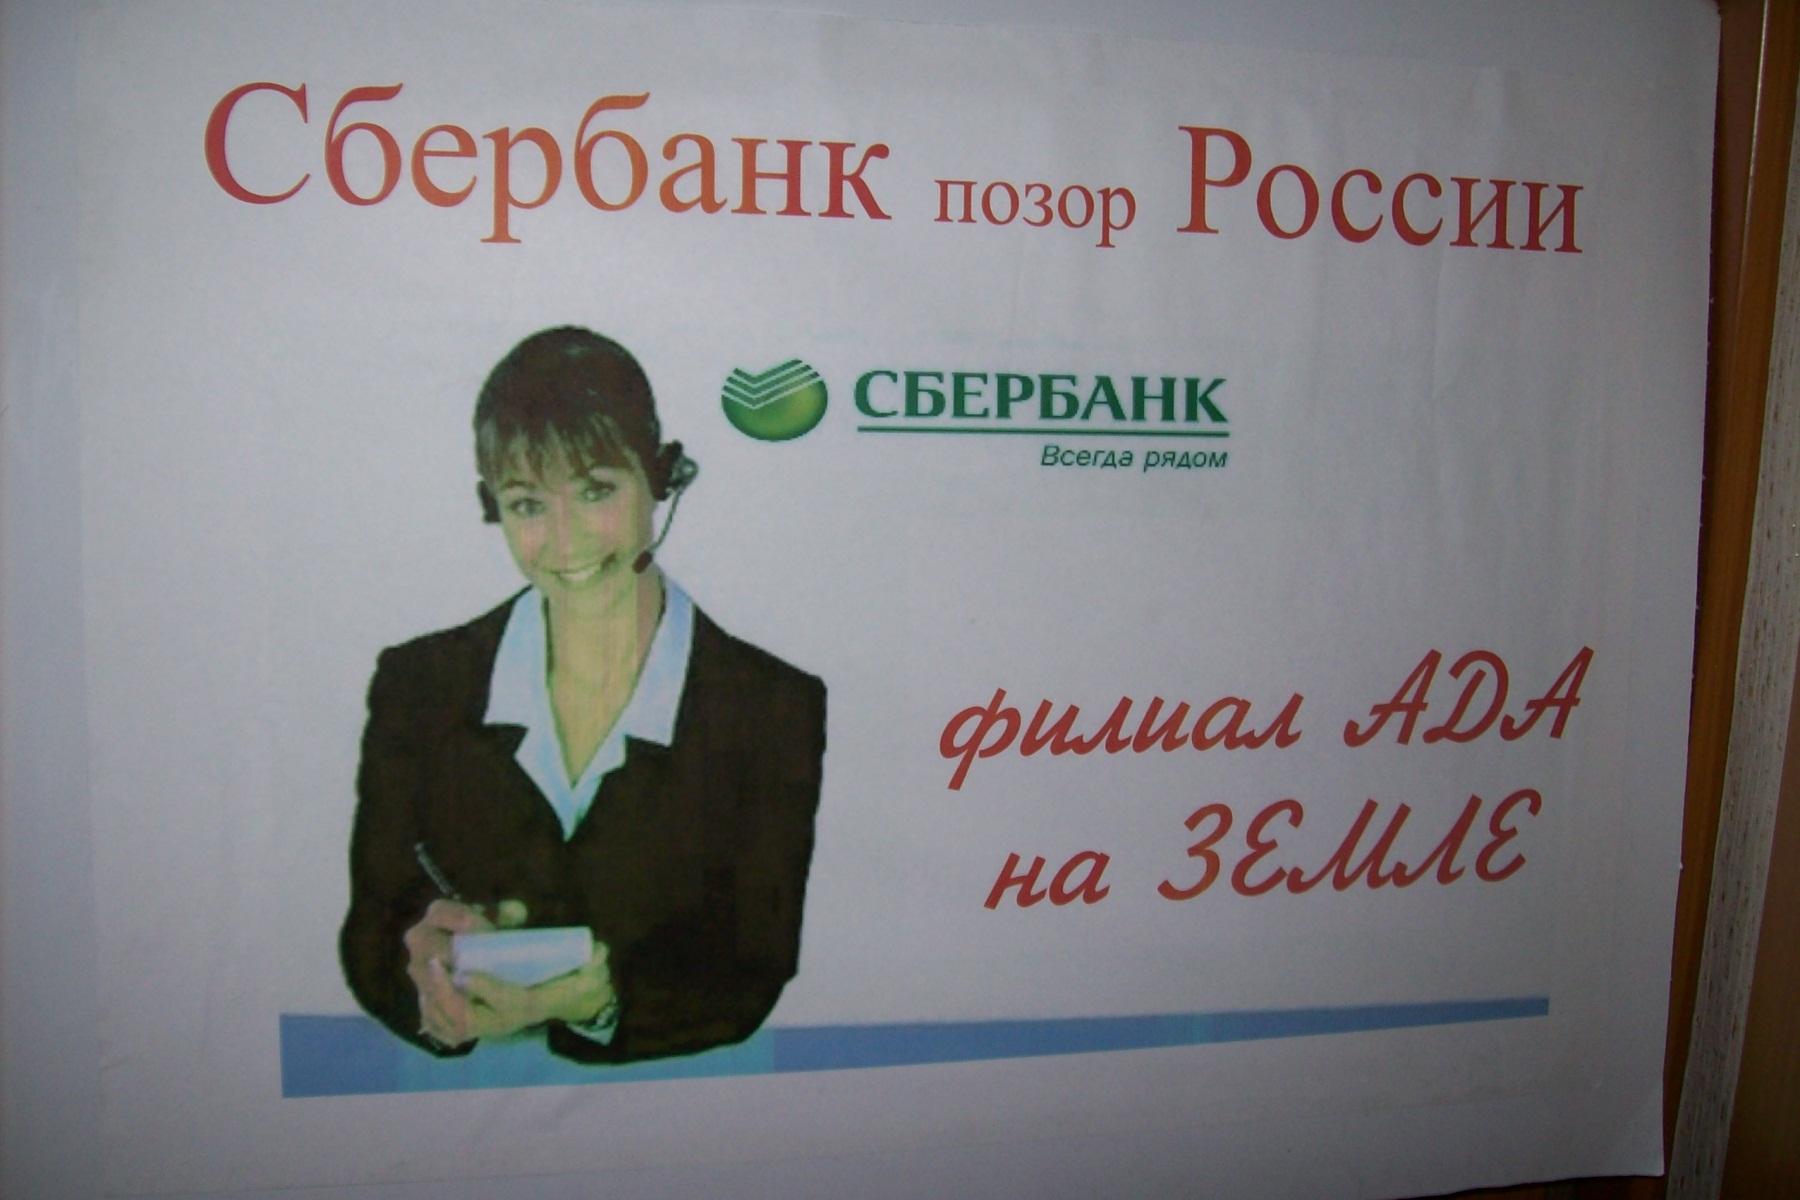 Пикетируем СберБанк в Архангельске